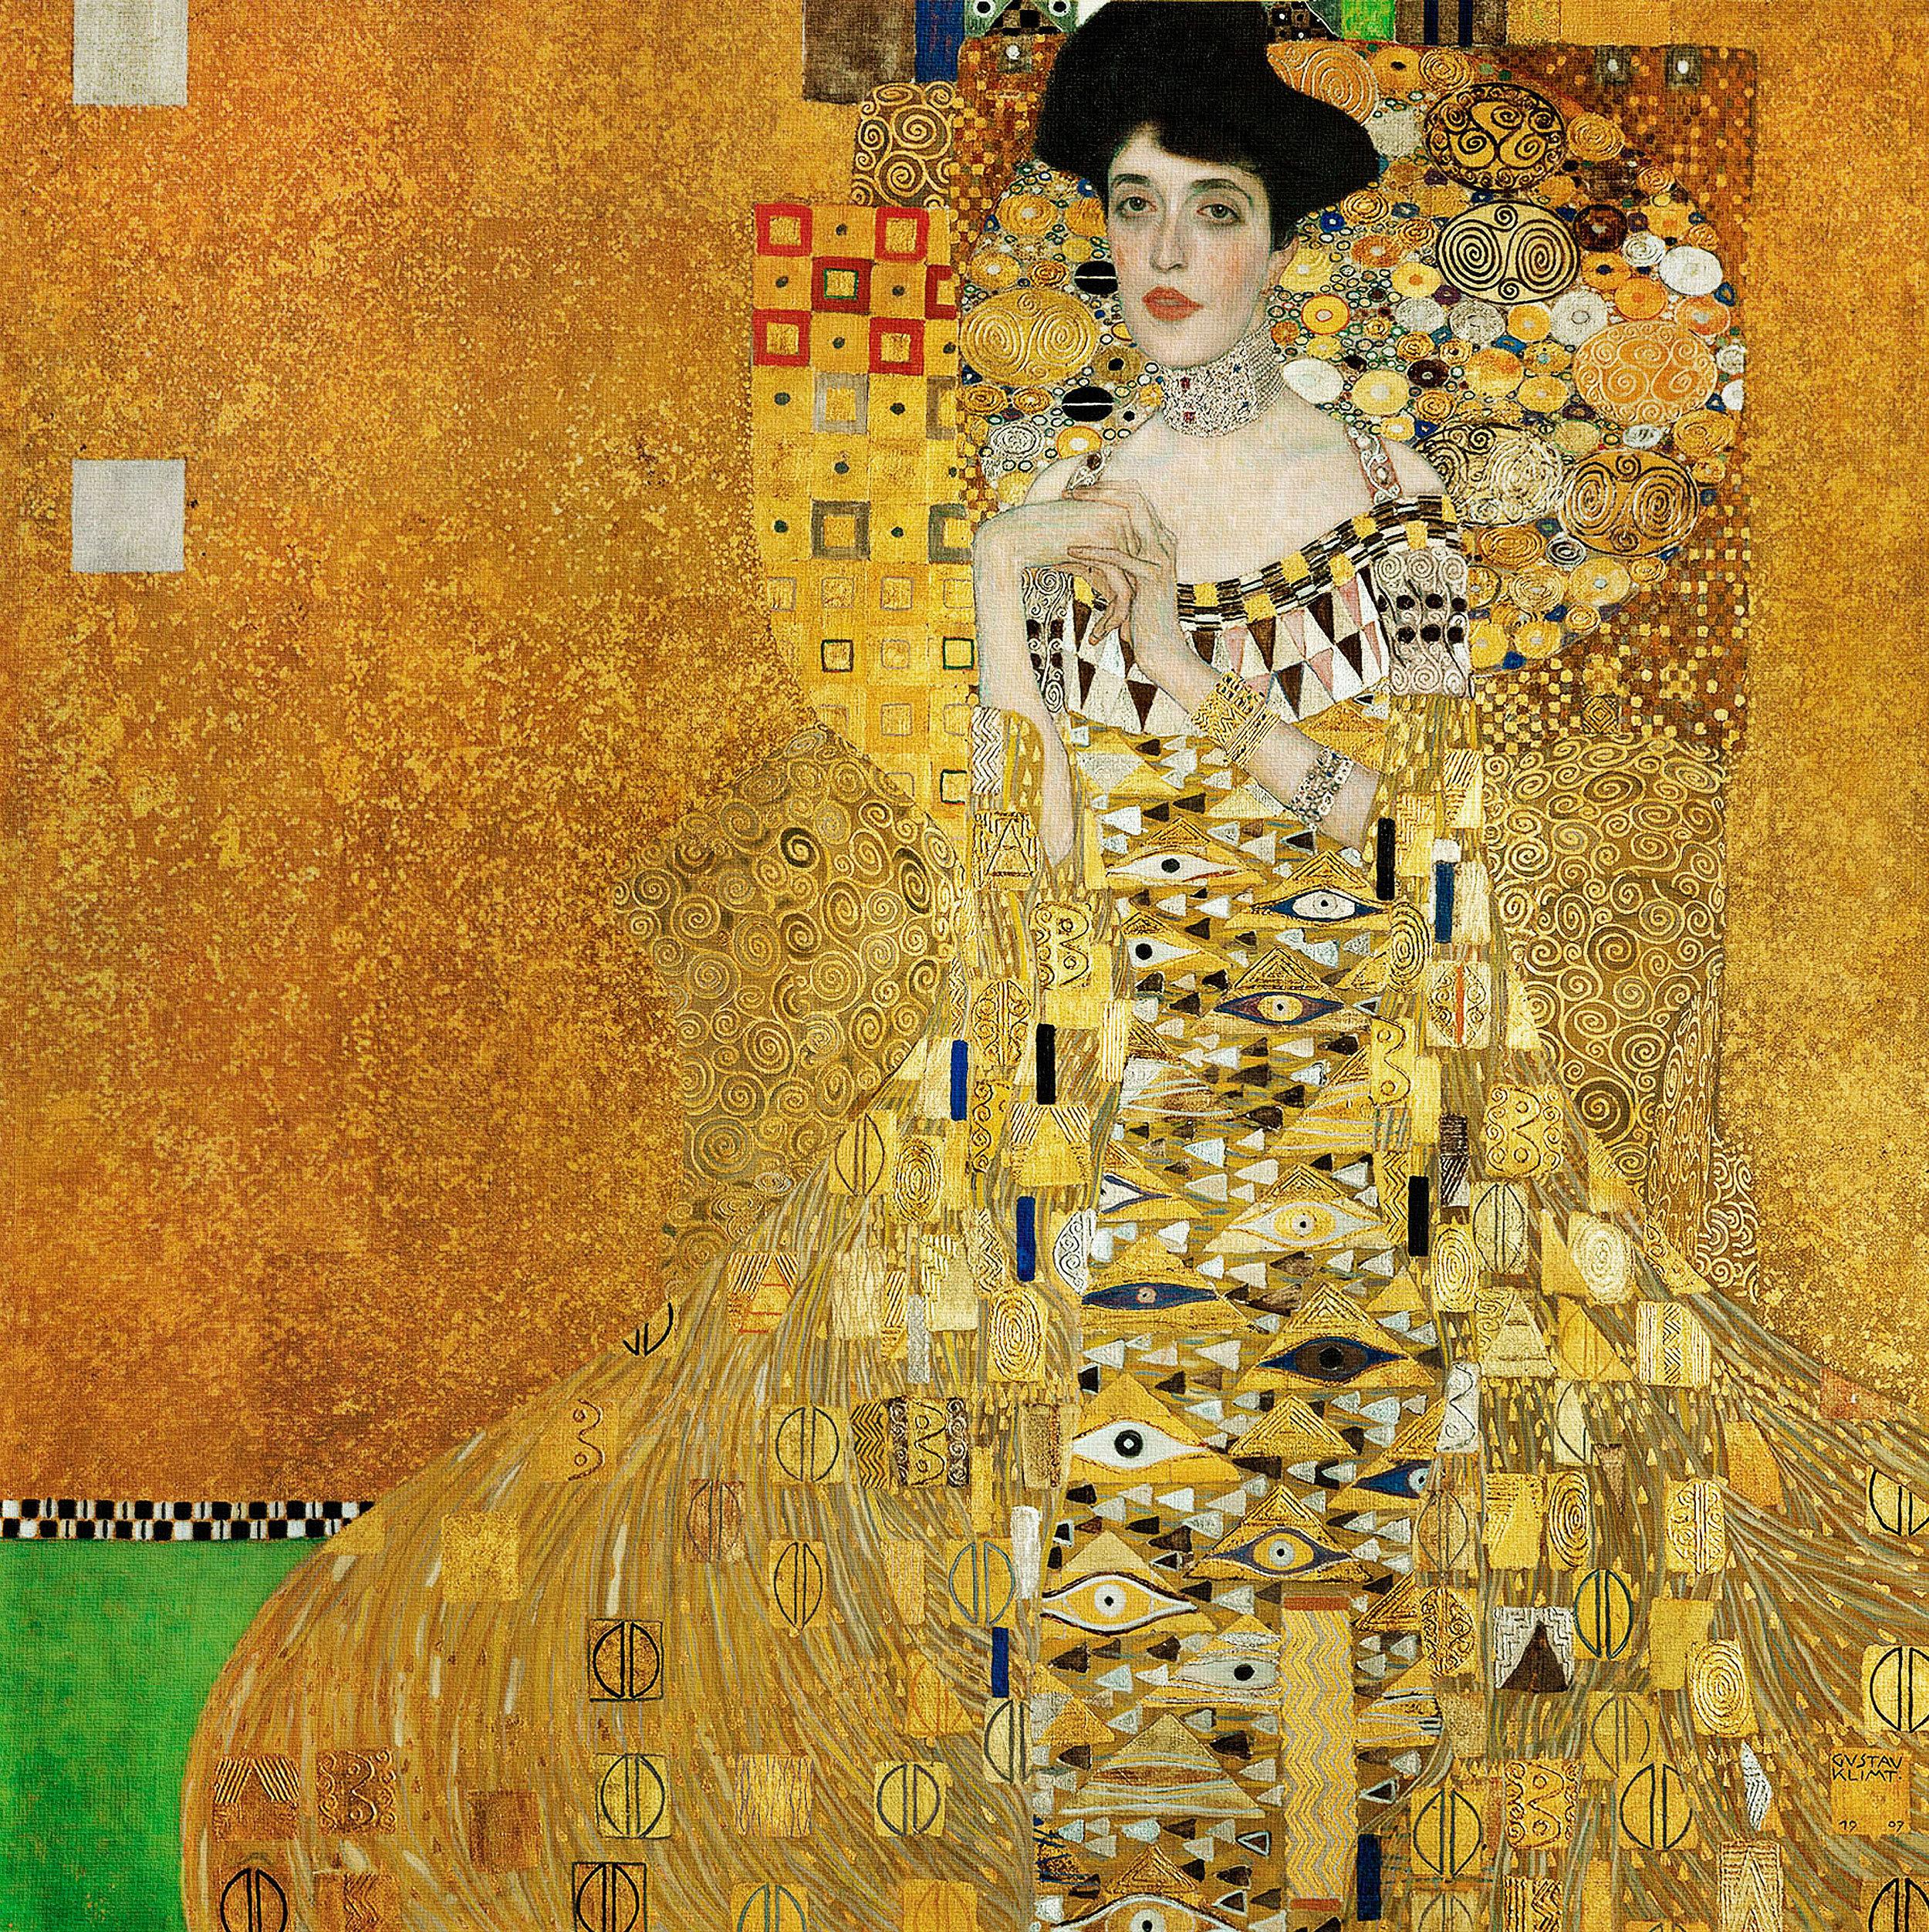 Gustav Klimt - Adele Bloch-Bauer's Portrait, 1907, Bilderrahmen Eiche